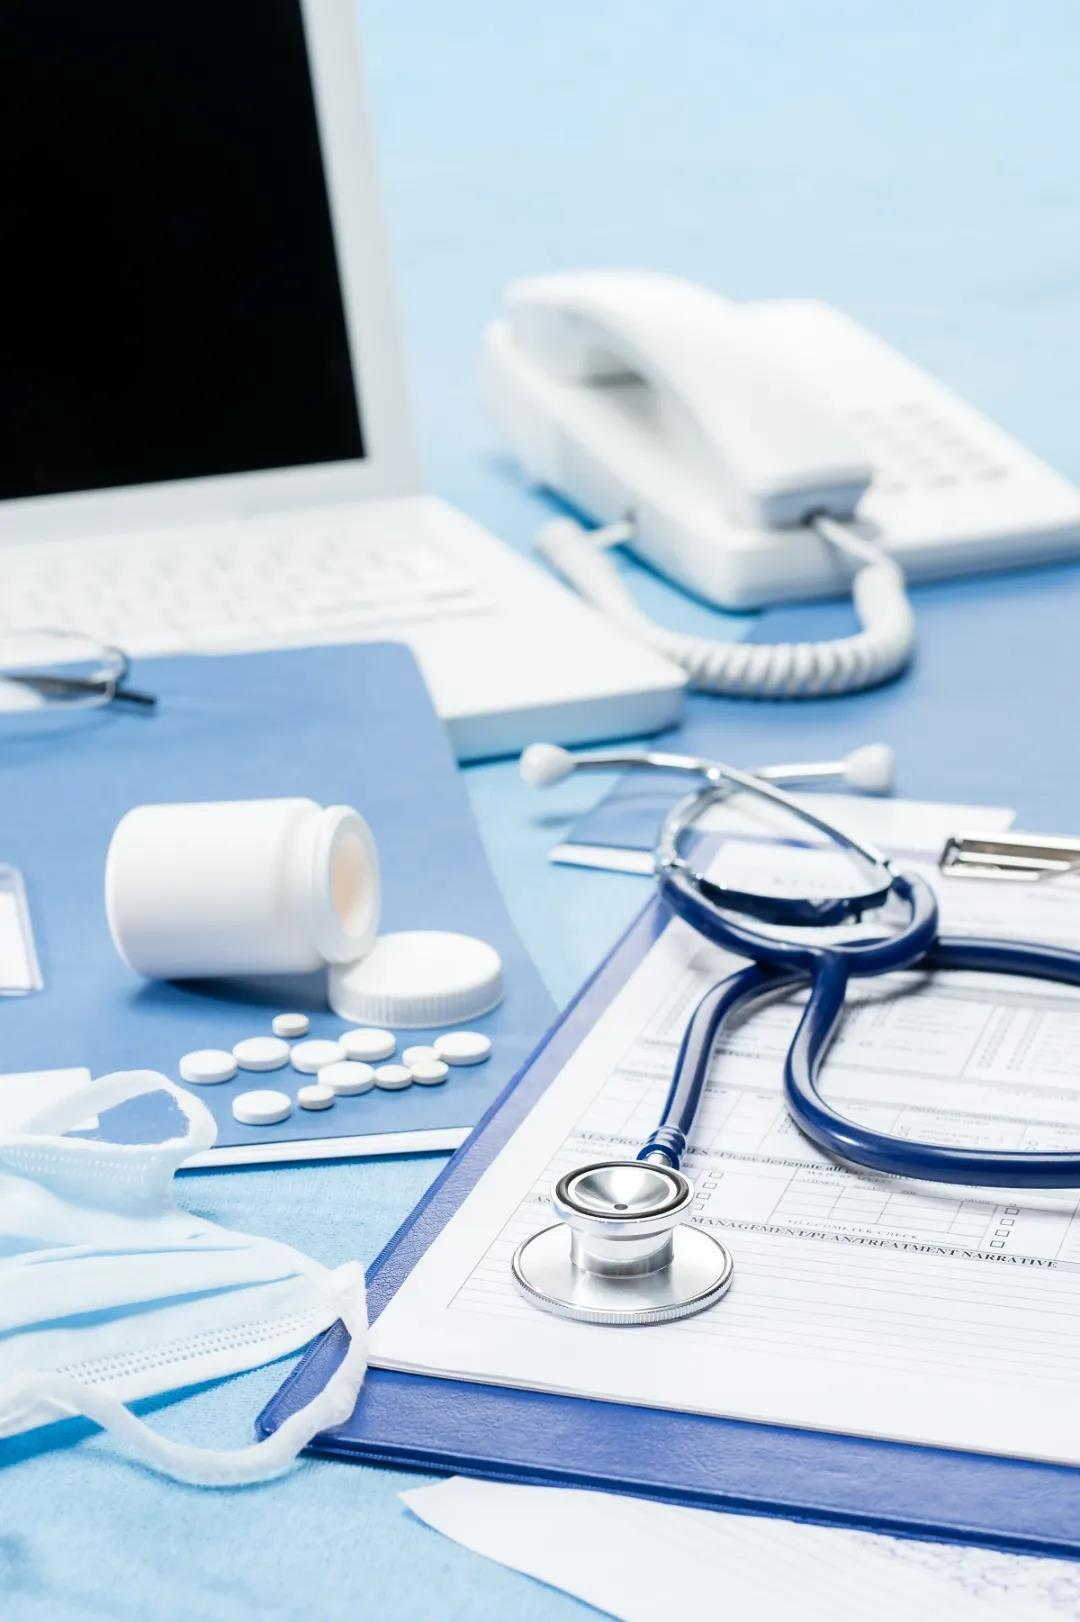 我是一名医生,说说我对香港医疗的看法,香港疫情为何大爆发